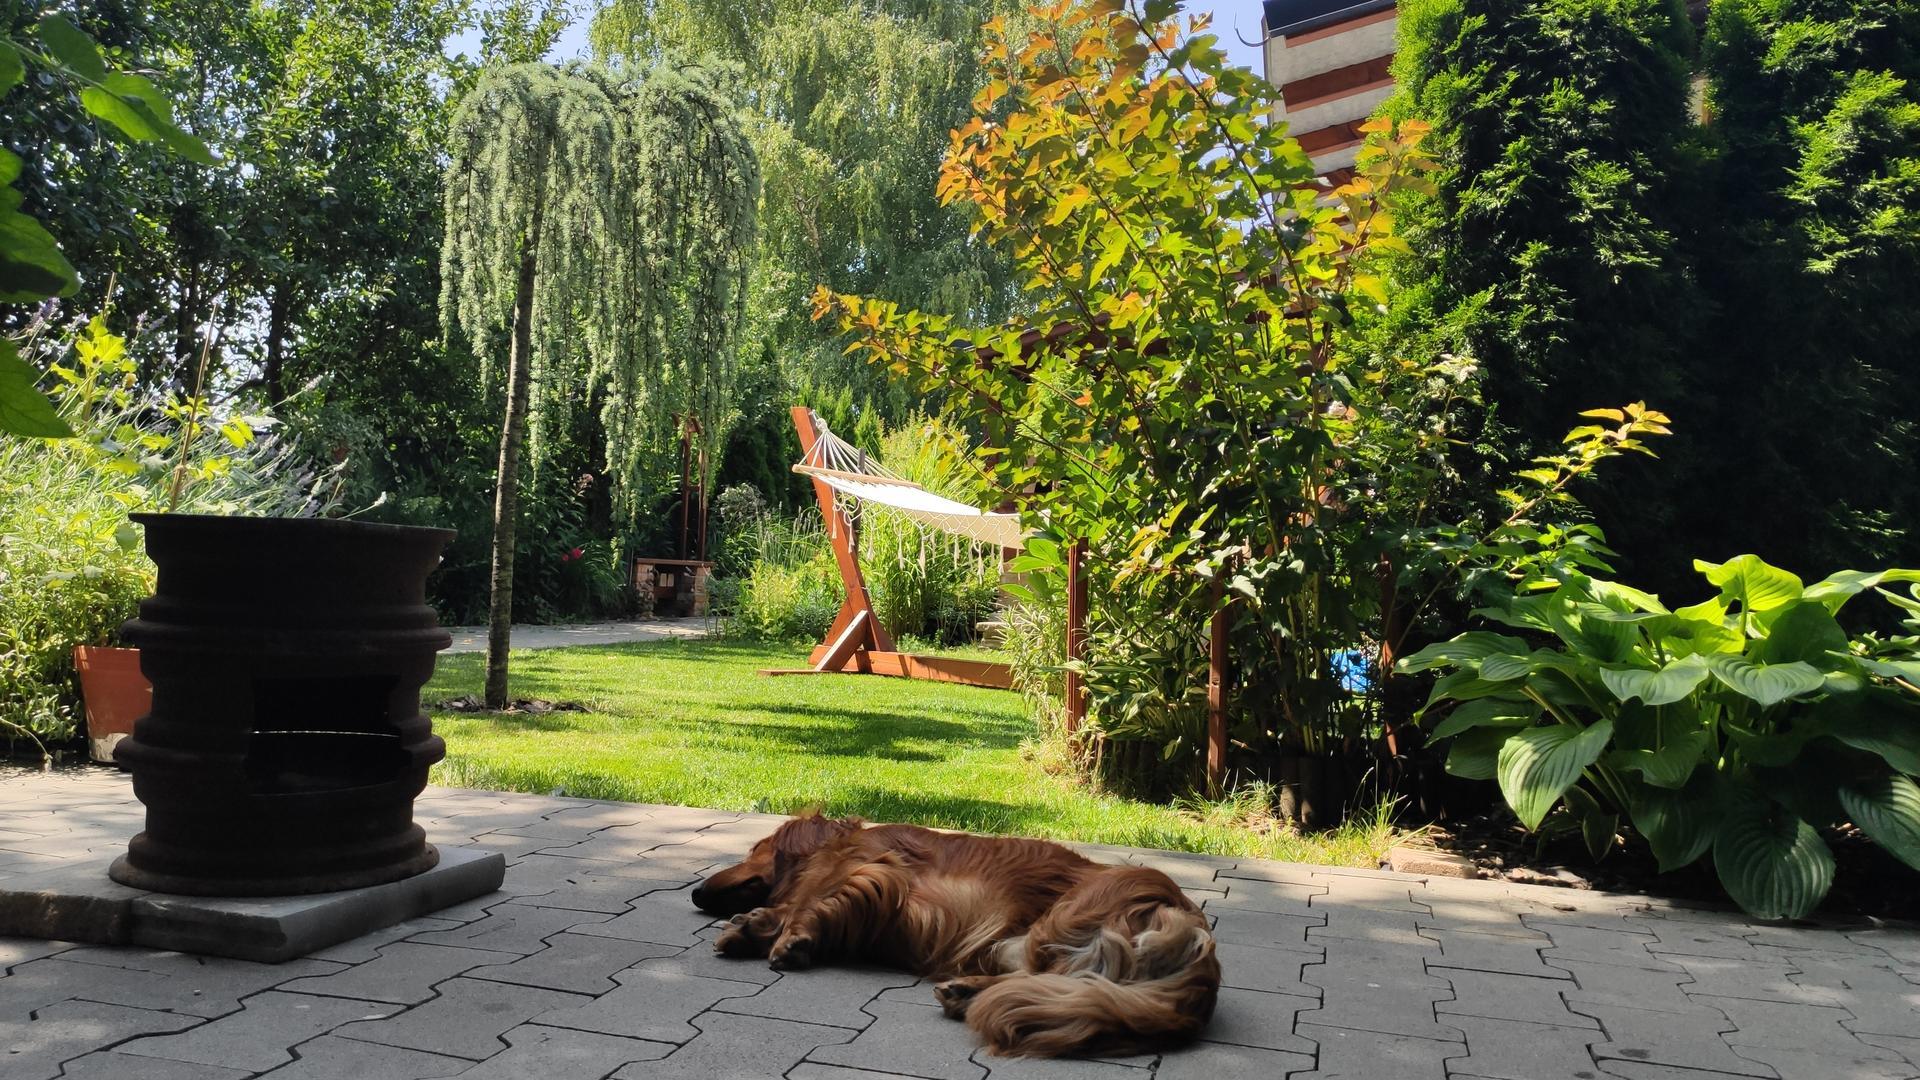 záhrada vidiecka, farebná rok 2021 - Obrázok č. 143